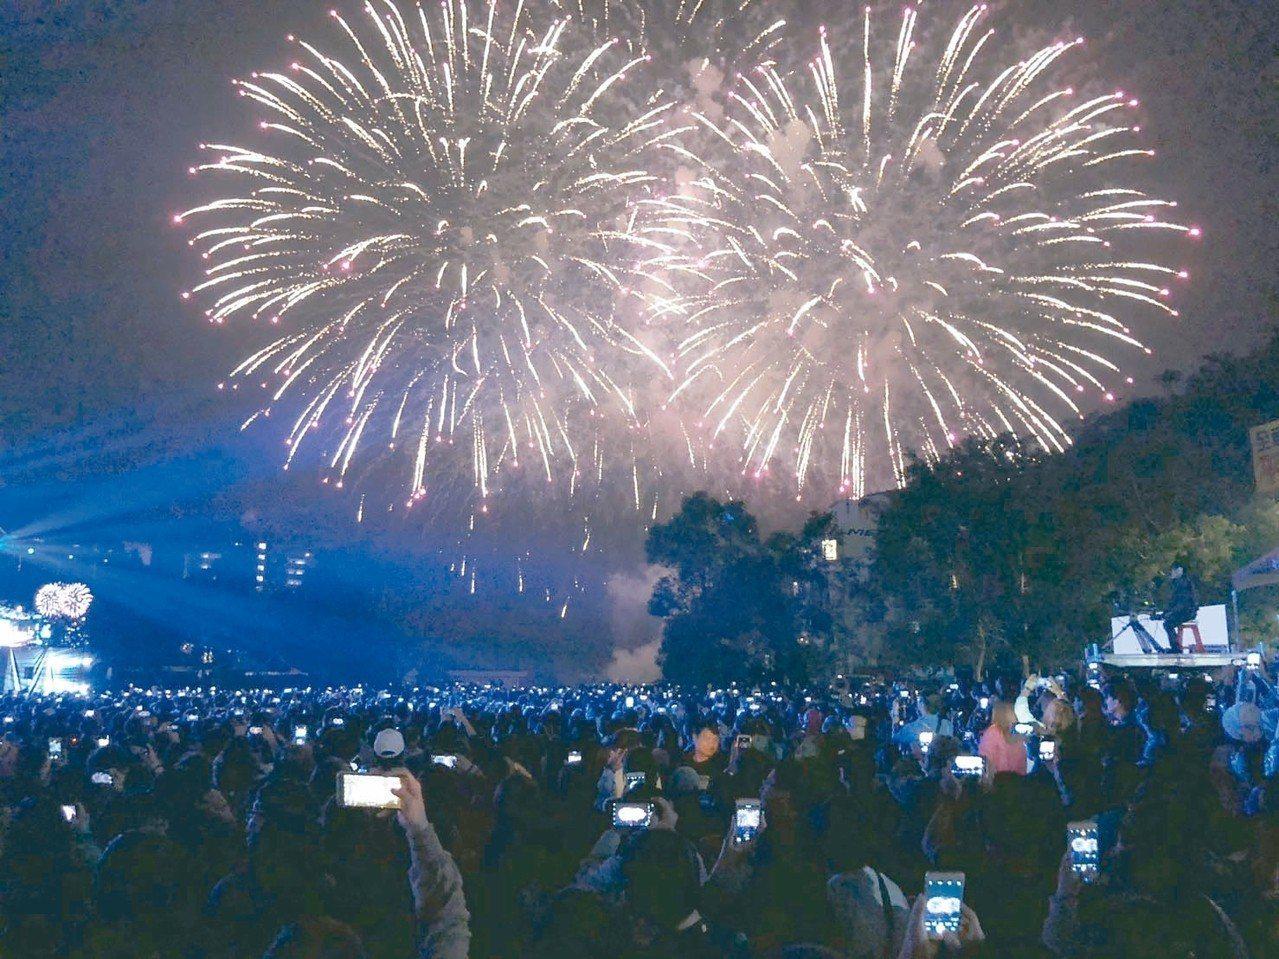 日月潭花火音樂會昨晚吸引超過兩萬名樂迷到場,精采的歌舞劇表演和煙火秀,讓觀眾驚呼...